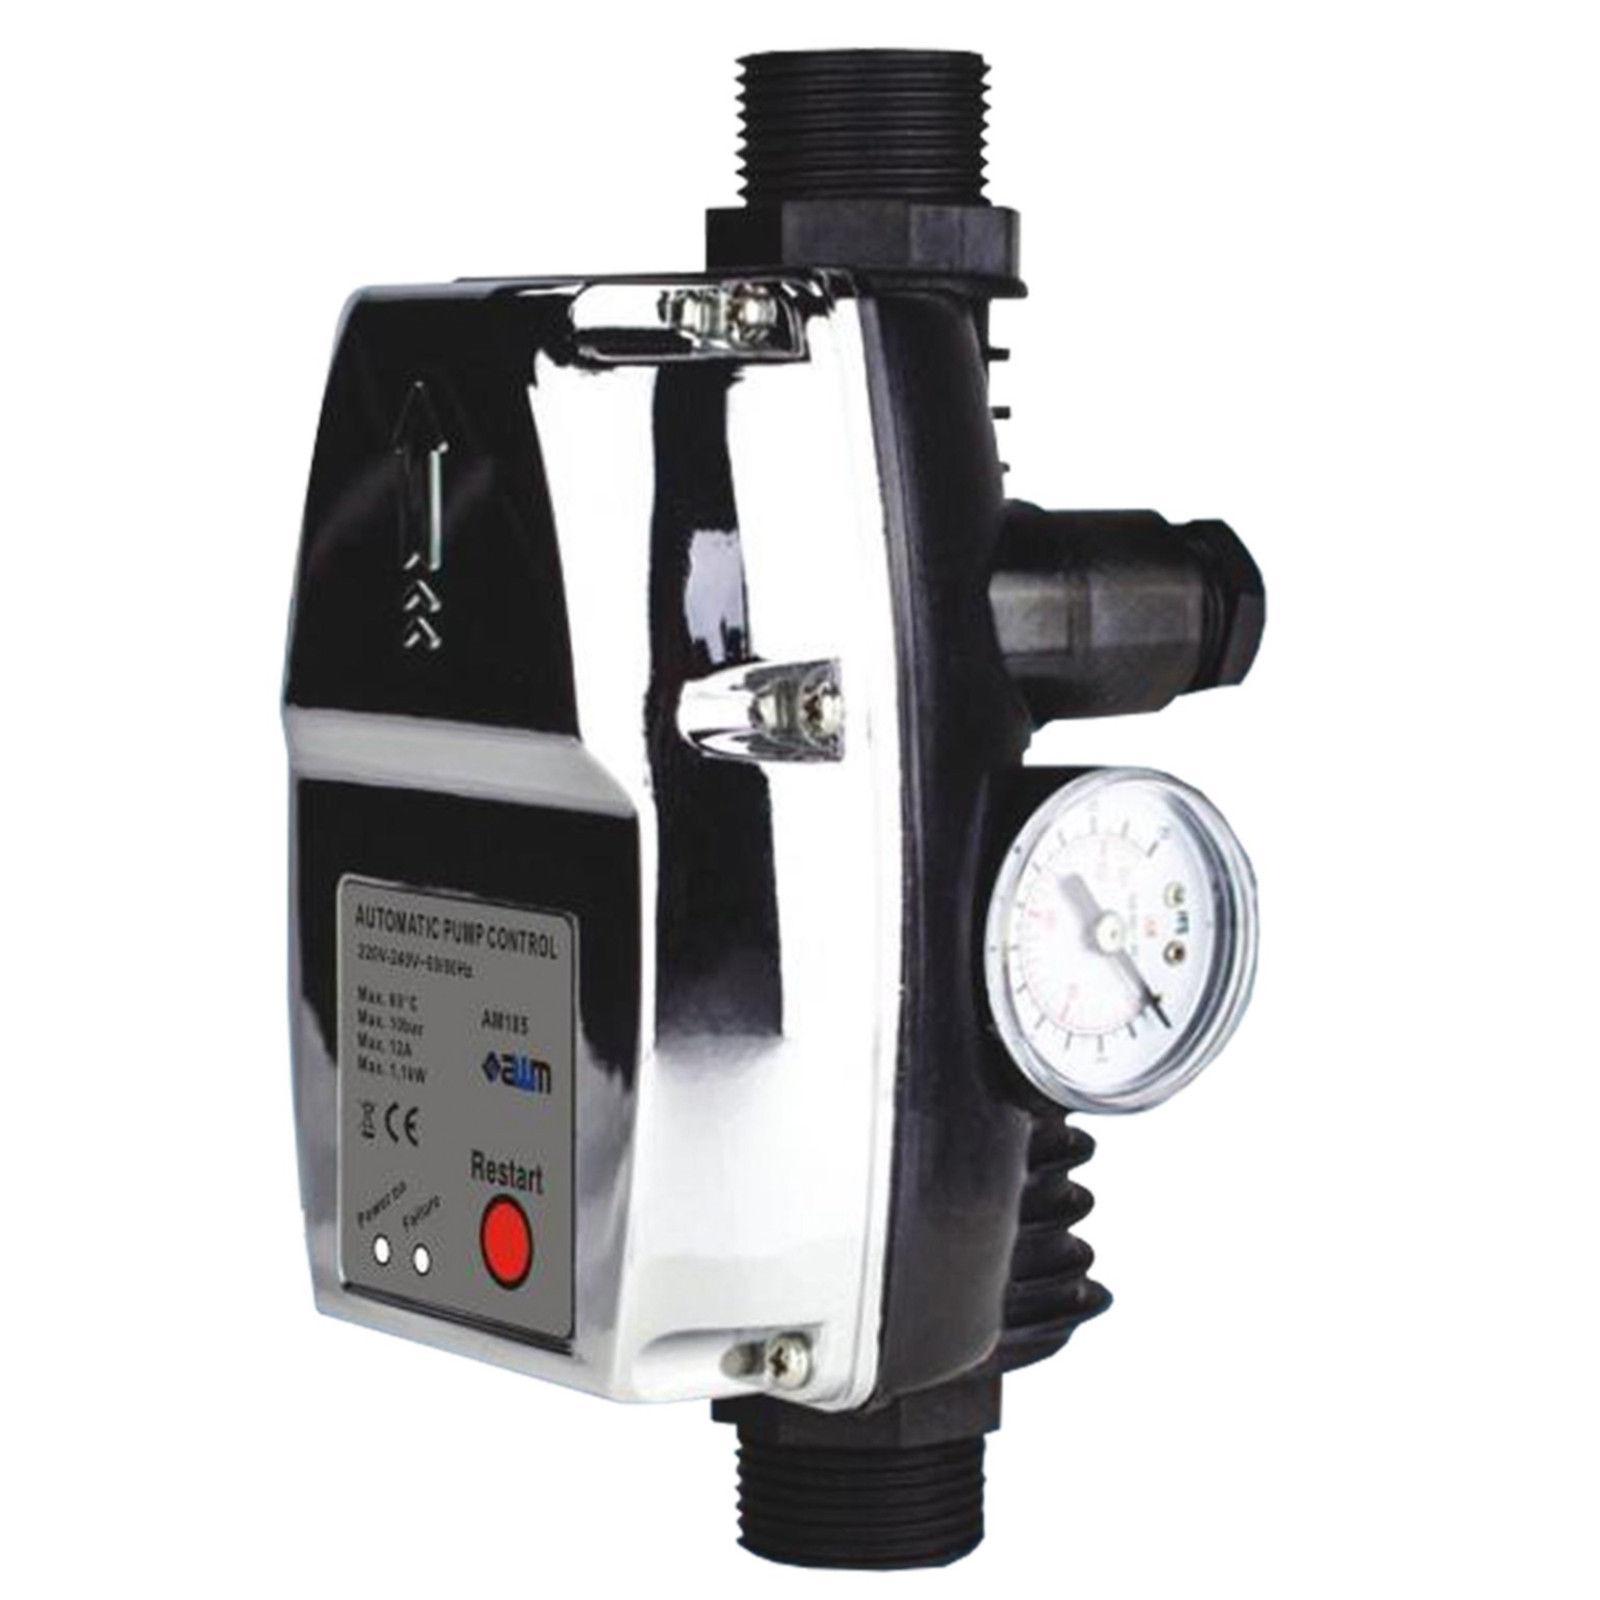 awm pumpensteuerung am 105 pumpen druckschalter hauswasserwerk druckregler detmold. Black Bedroom Furniture Sets. Home Design Ideas